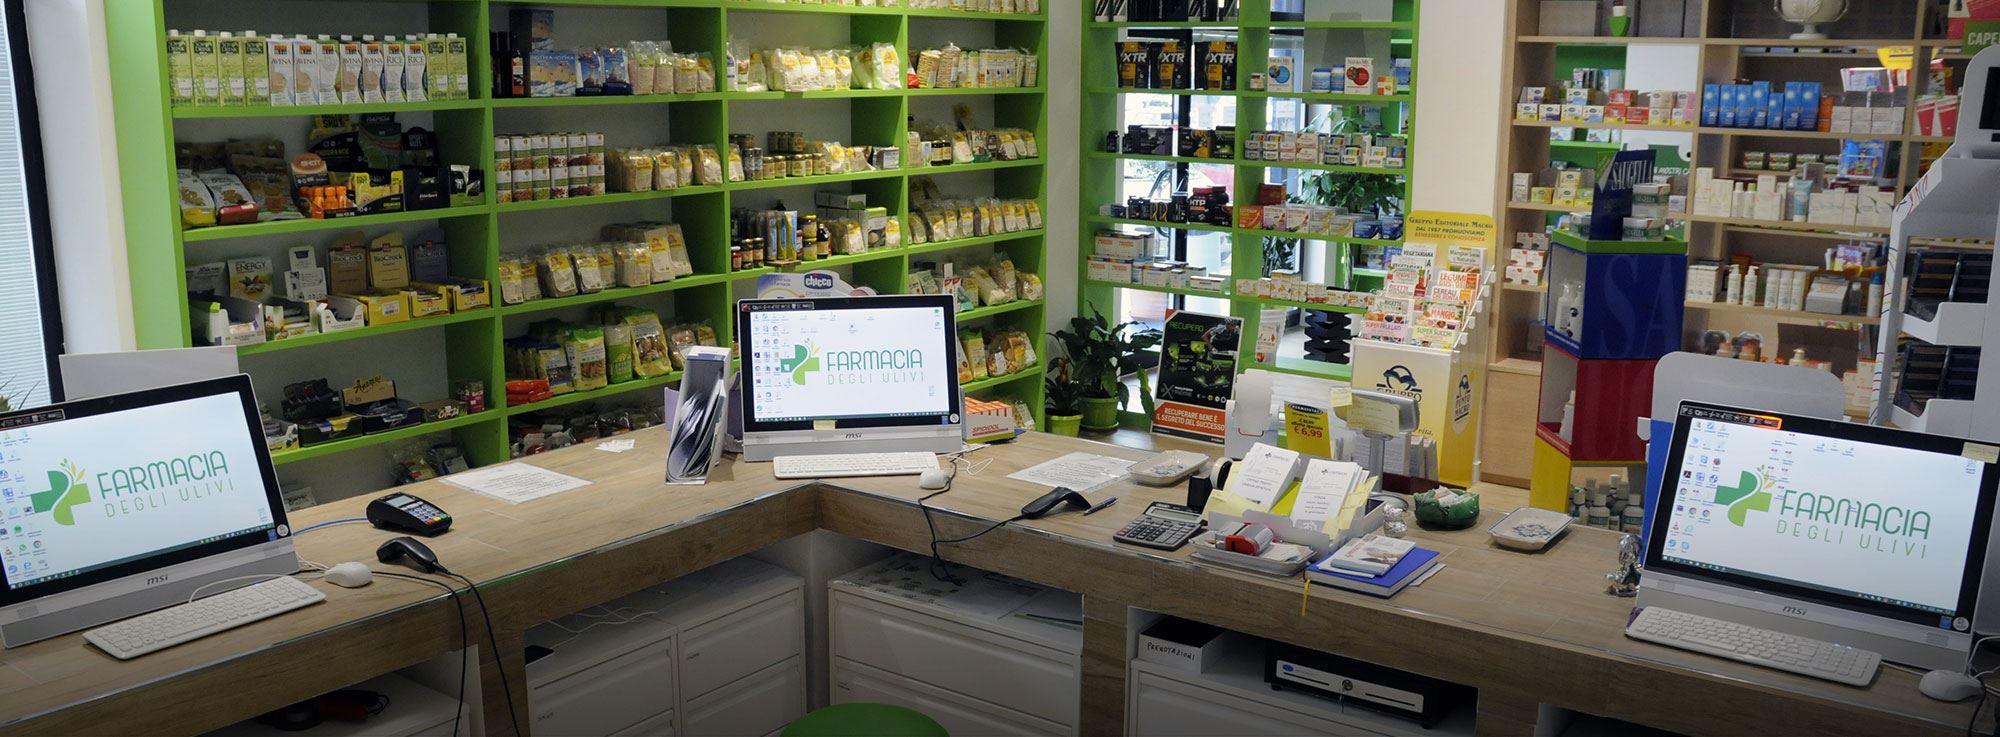 Farmacia degli Ulivi Barletta